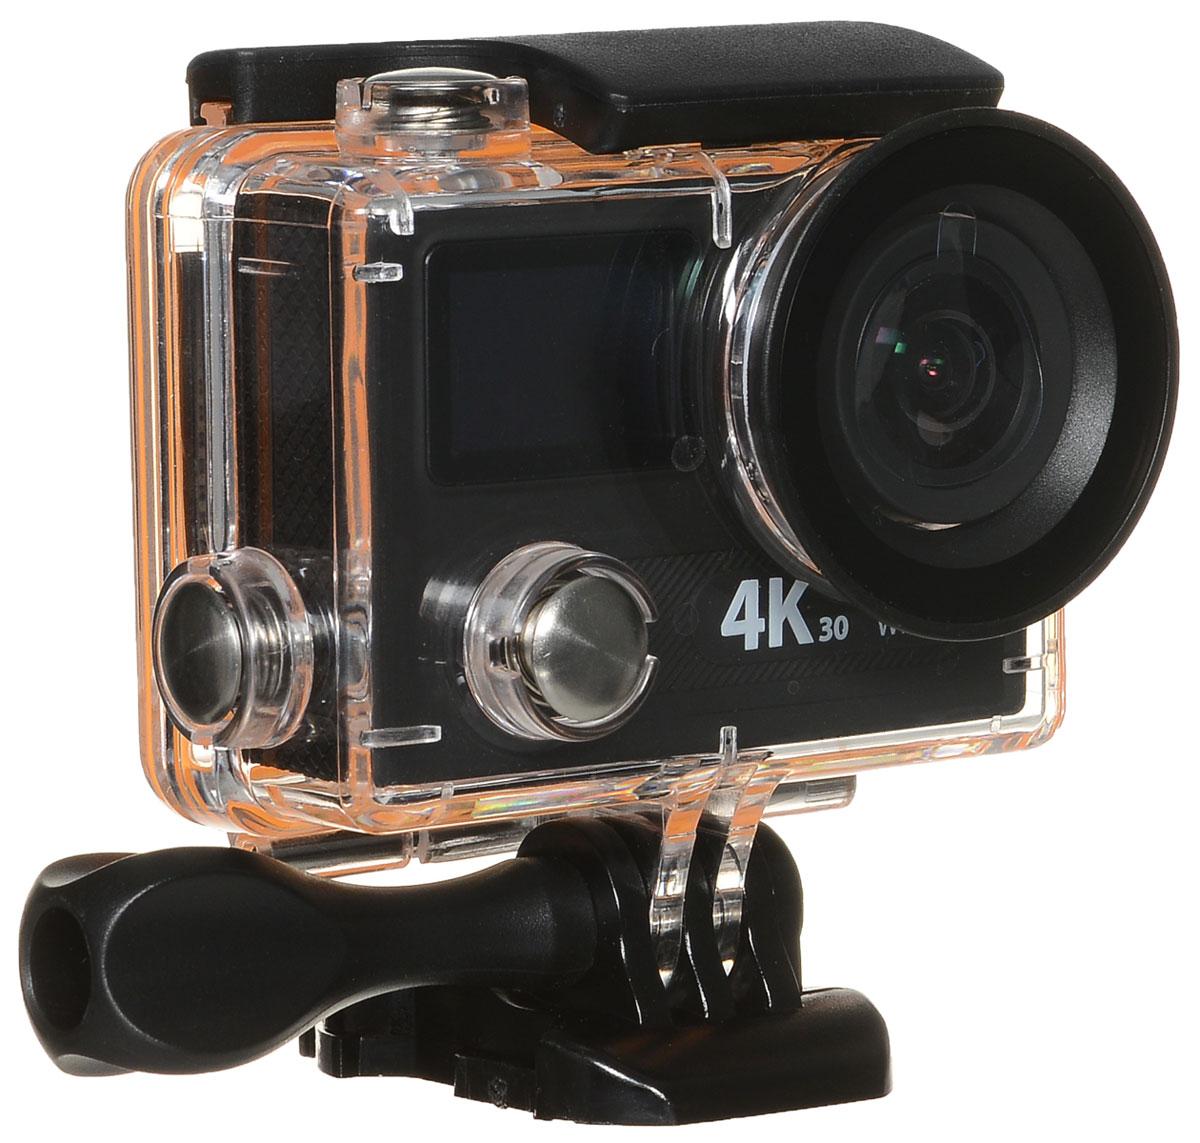 Eken H8R Ultra HD, Black экшн-камераH8RЭкшн-камера Eken H8R Ultra HD позволяет записывать видео с разрешением 4К и очень плавным изображением до 30 кадров в секунду. Камера имеет два дисплея: 2 TFT LCD основной экран и 0.95 OLED экран статуса (уровень заряда батареи, подключение к WiFi, режим съемки и длительность записи). Эта модель сделана для любителей спорта на улице, подводного плавания, скейтбординга, скай-дайвинга, скалолазания, бега или охоты. Снимайте с руки, на велосипеде, в машине и где угодно. По сравнению с предыдущими версиями, в Eken H8R Ultra HD вы найдете уменьшенные размеры корпуса, увеличенный до 2-х дюймов экран, невероятную оптику и фантастическое разрешение изображения при съемке 30 кадров в секунду!Управляйте вашей H8R на своем смартфоне или планшете. Приложение Ez iCam App позволяет работать с браузером и наблюдать все то, что видит ваша камера. В комплекте с камерой идет пульт ДУ работающий на частоте 2,4 Ггц. Он позволяет начинать и заканчивать съемку удаленно.Как выбрать экшн-камеру. Статья OZON Гид